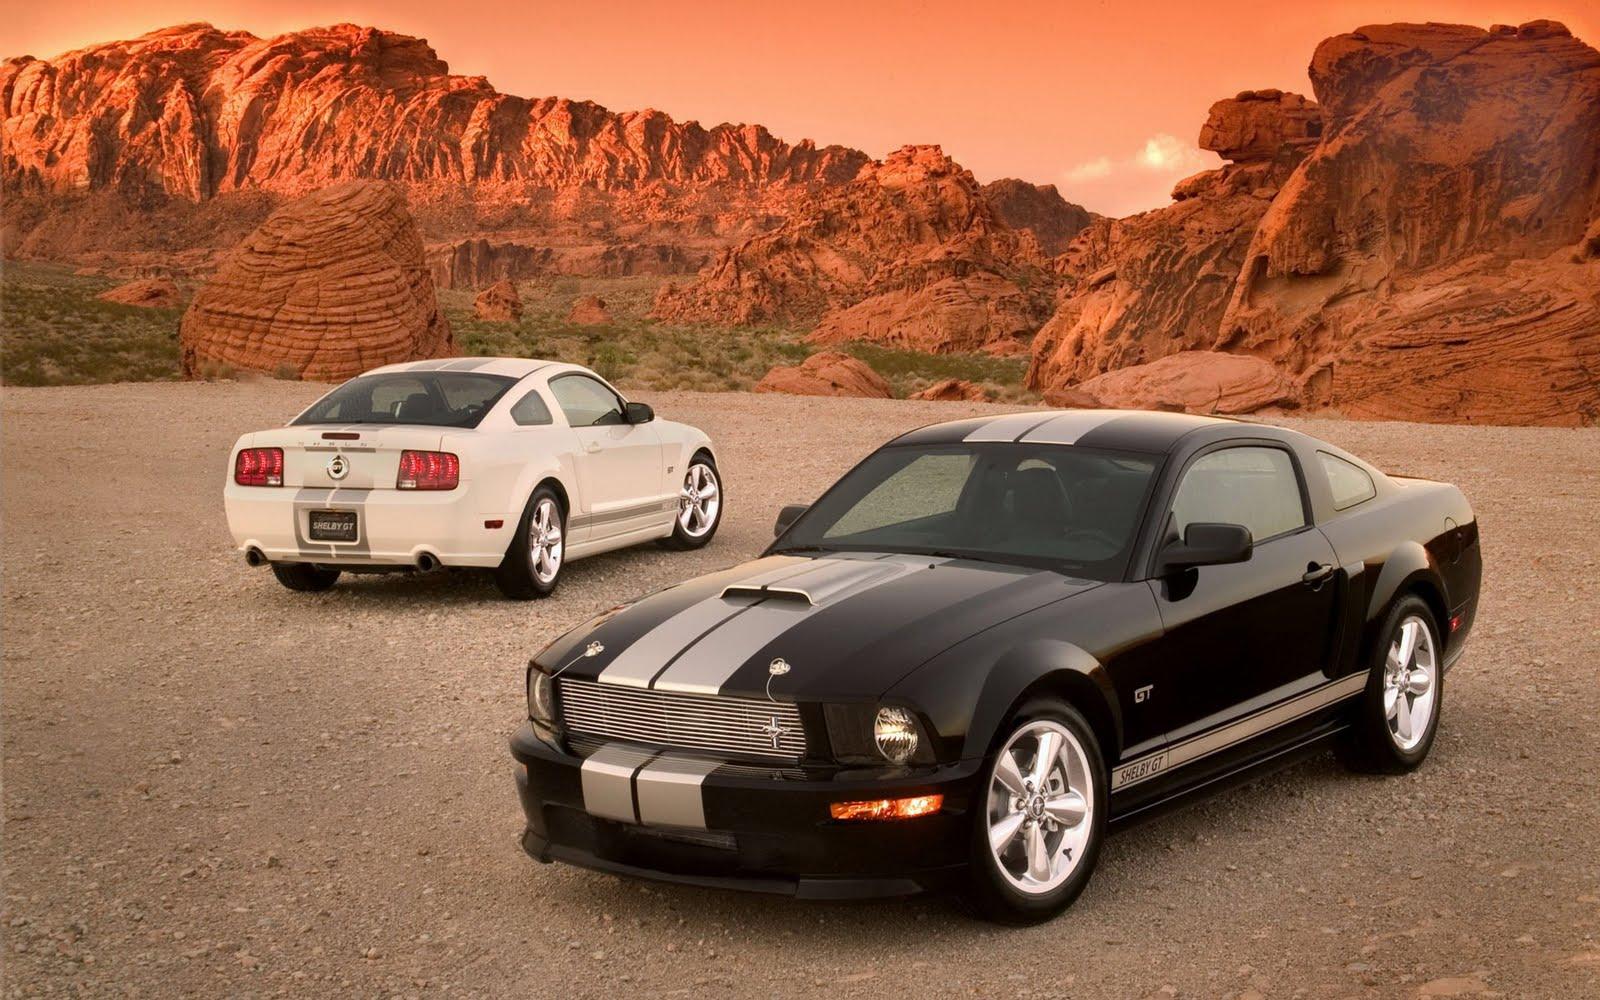 http://2.bp.blogspot.com/_aIrU_NInAww/S96pT2pW-dI/AAAAAAAAAME/KqQQXtZlNa0/s1600/laba.ws_New_Cars_HD_%200009.jpg